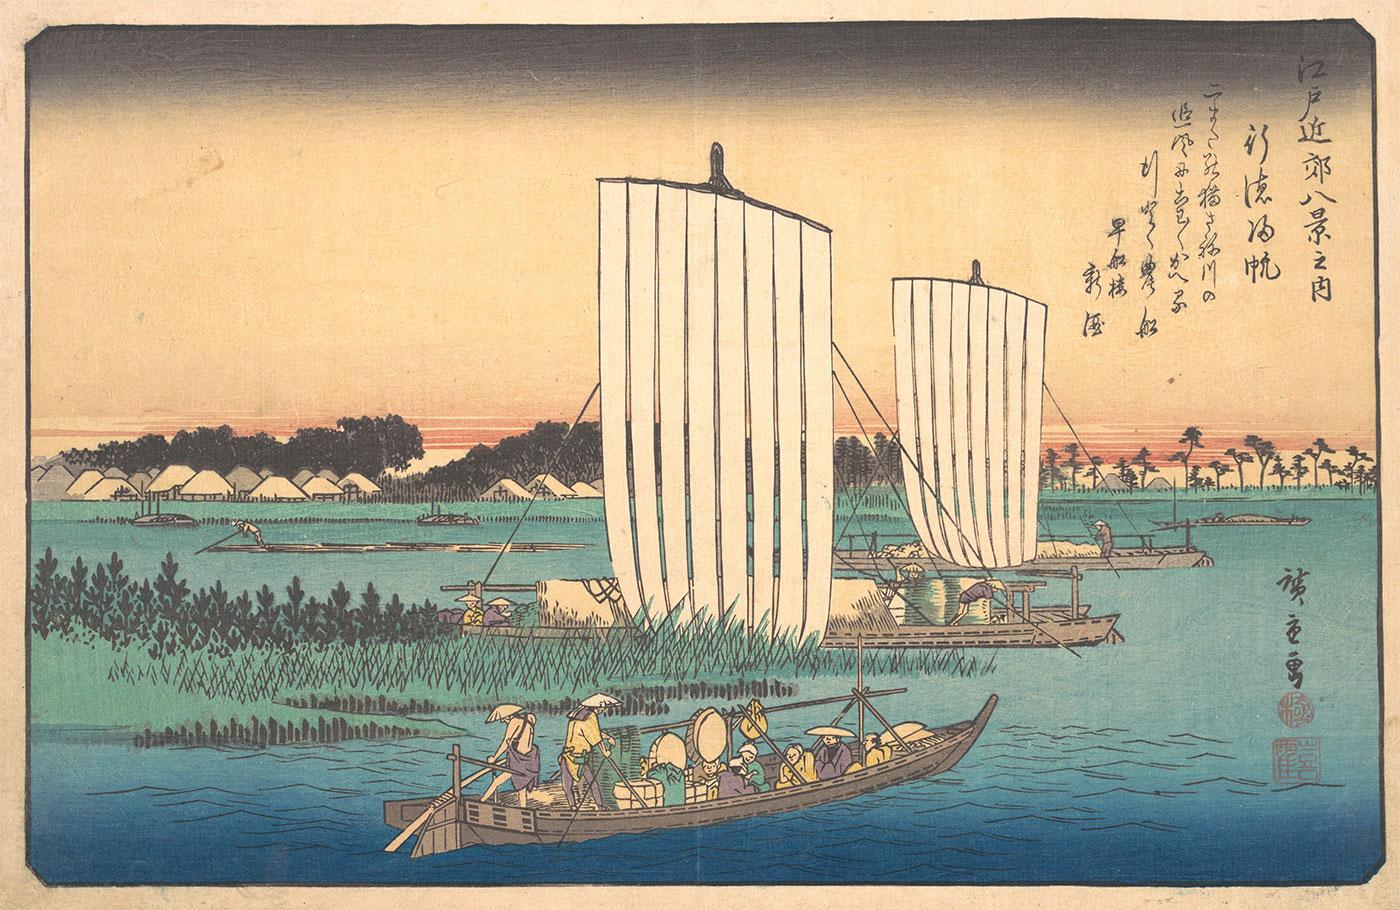 Barche ritornano a Gyotoku (Hiroshige, 1837)